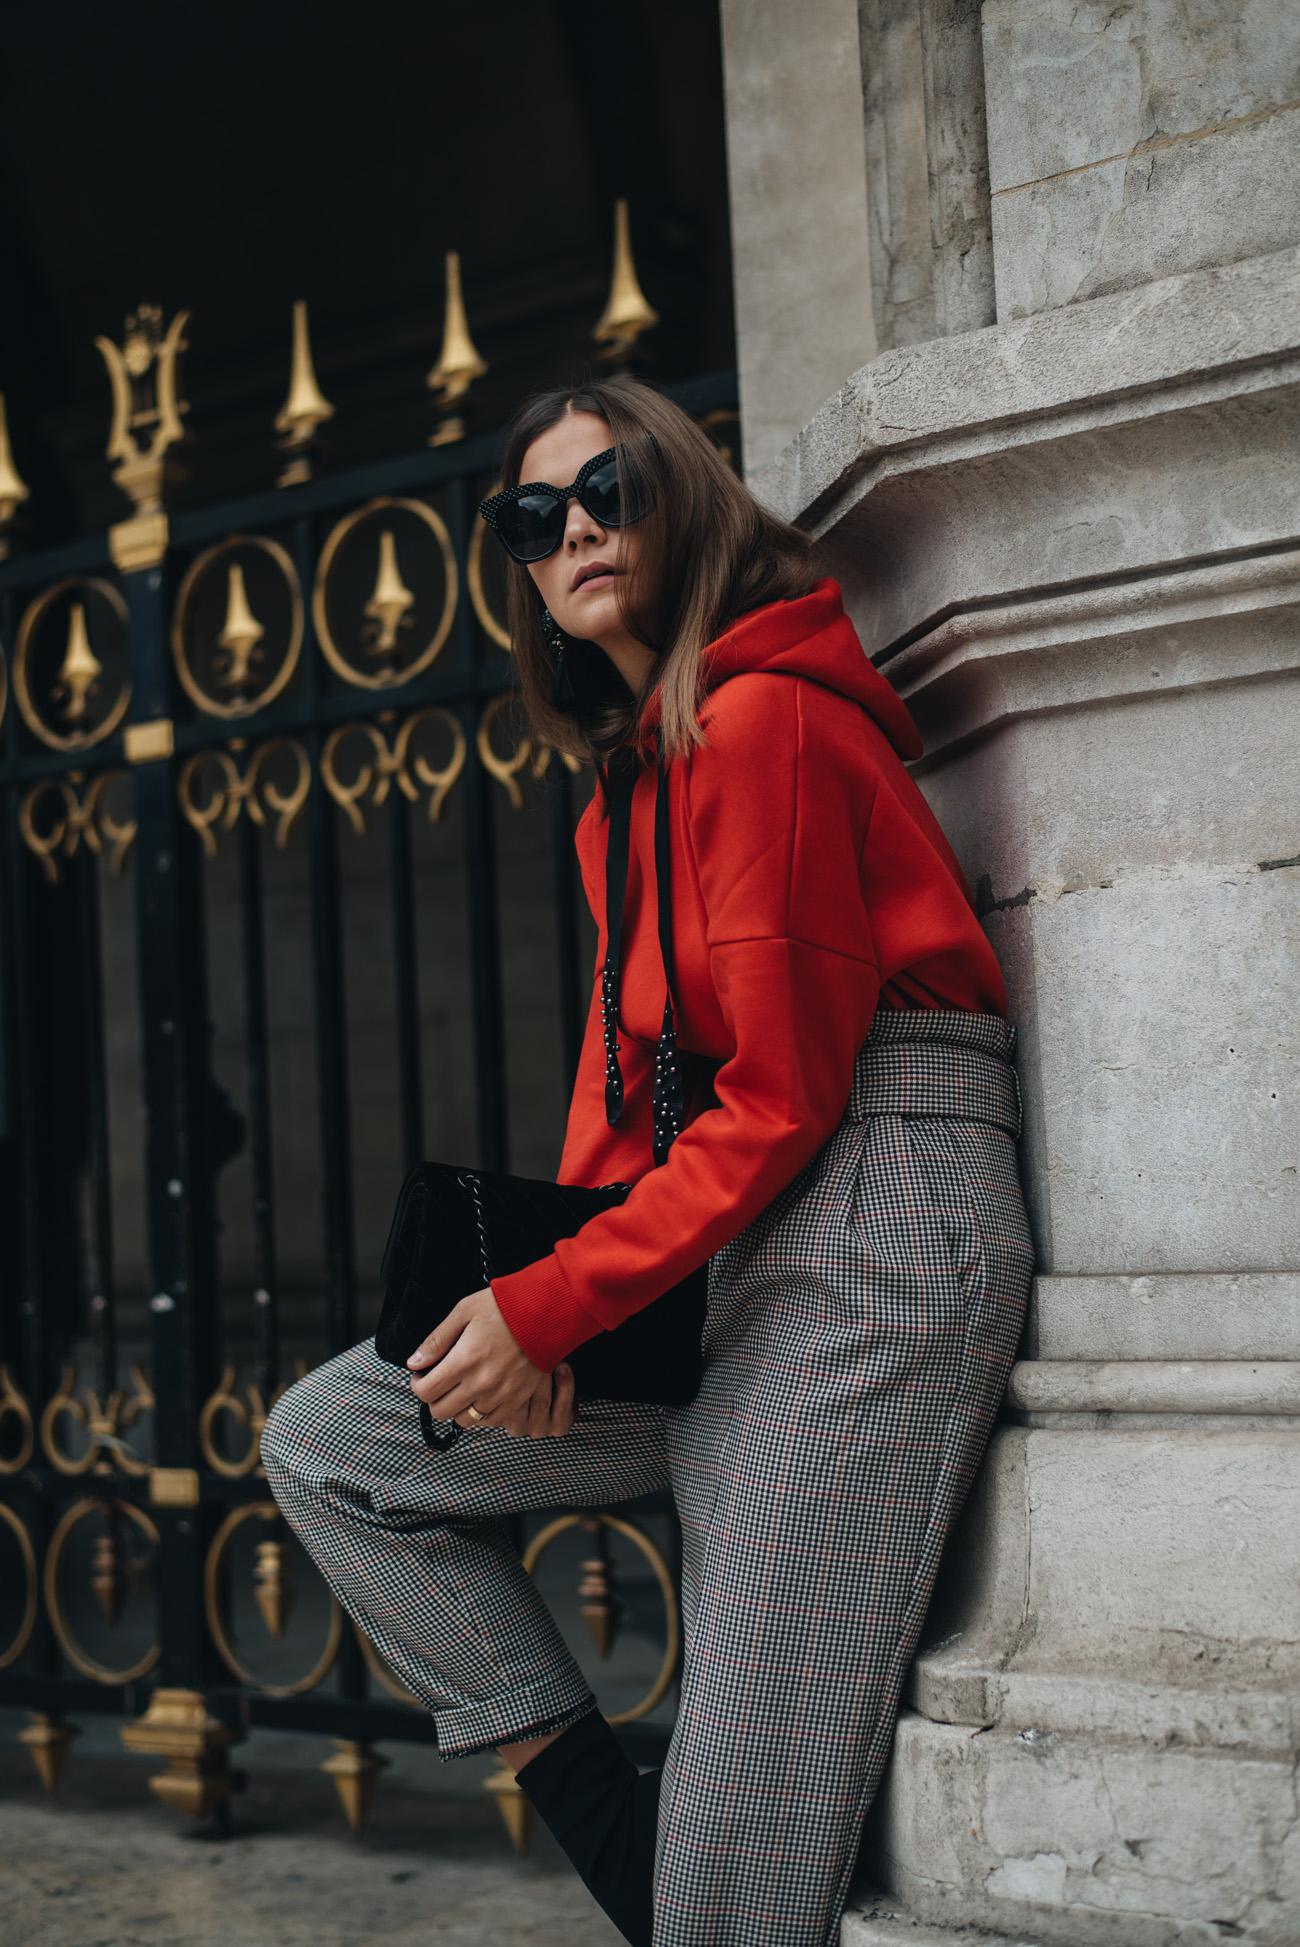 Nina-schwichtenberg-fashiioncarpet-luxus-high-end-mode-bloggerin-deutschland-münchen